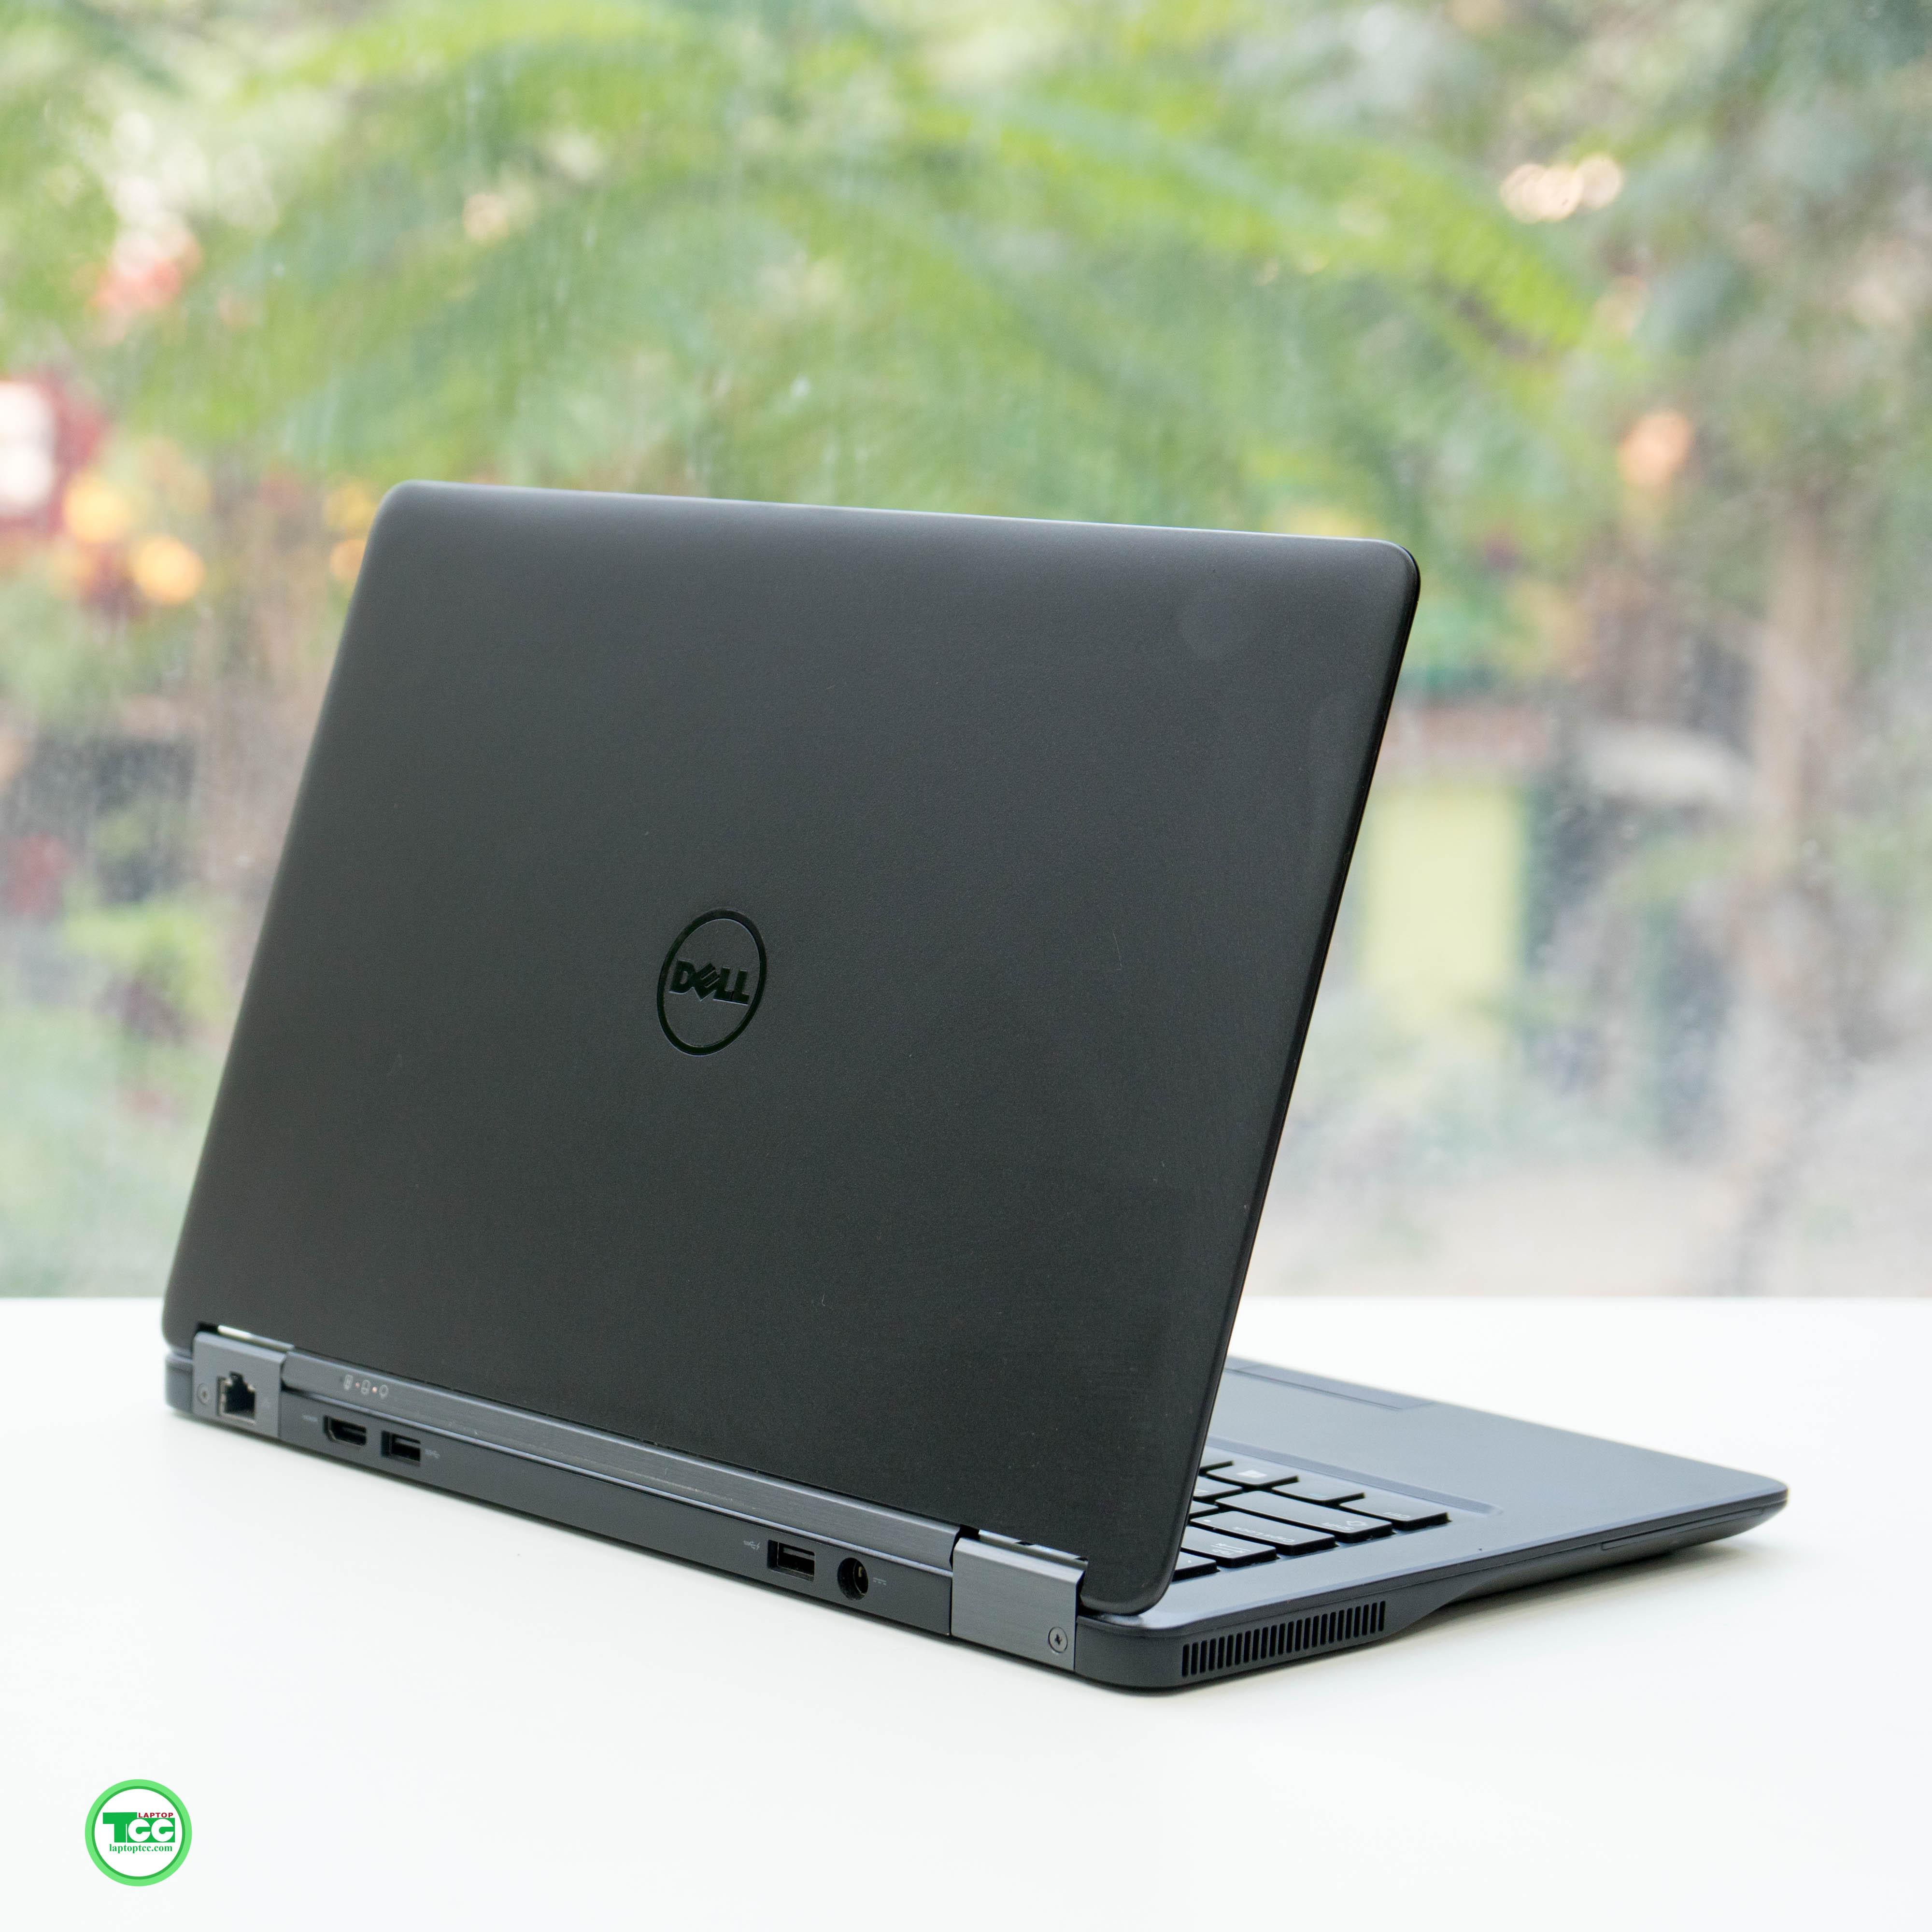 laptop tcc dell latitude E7250 (3)